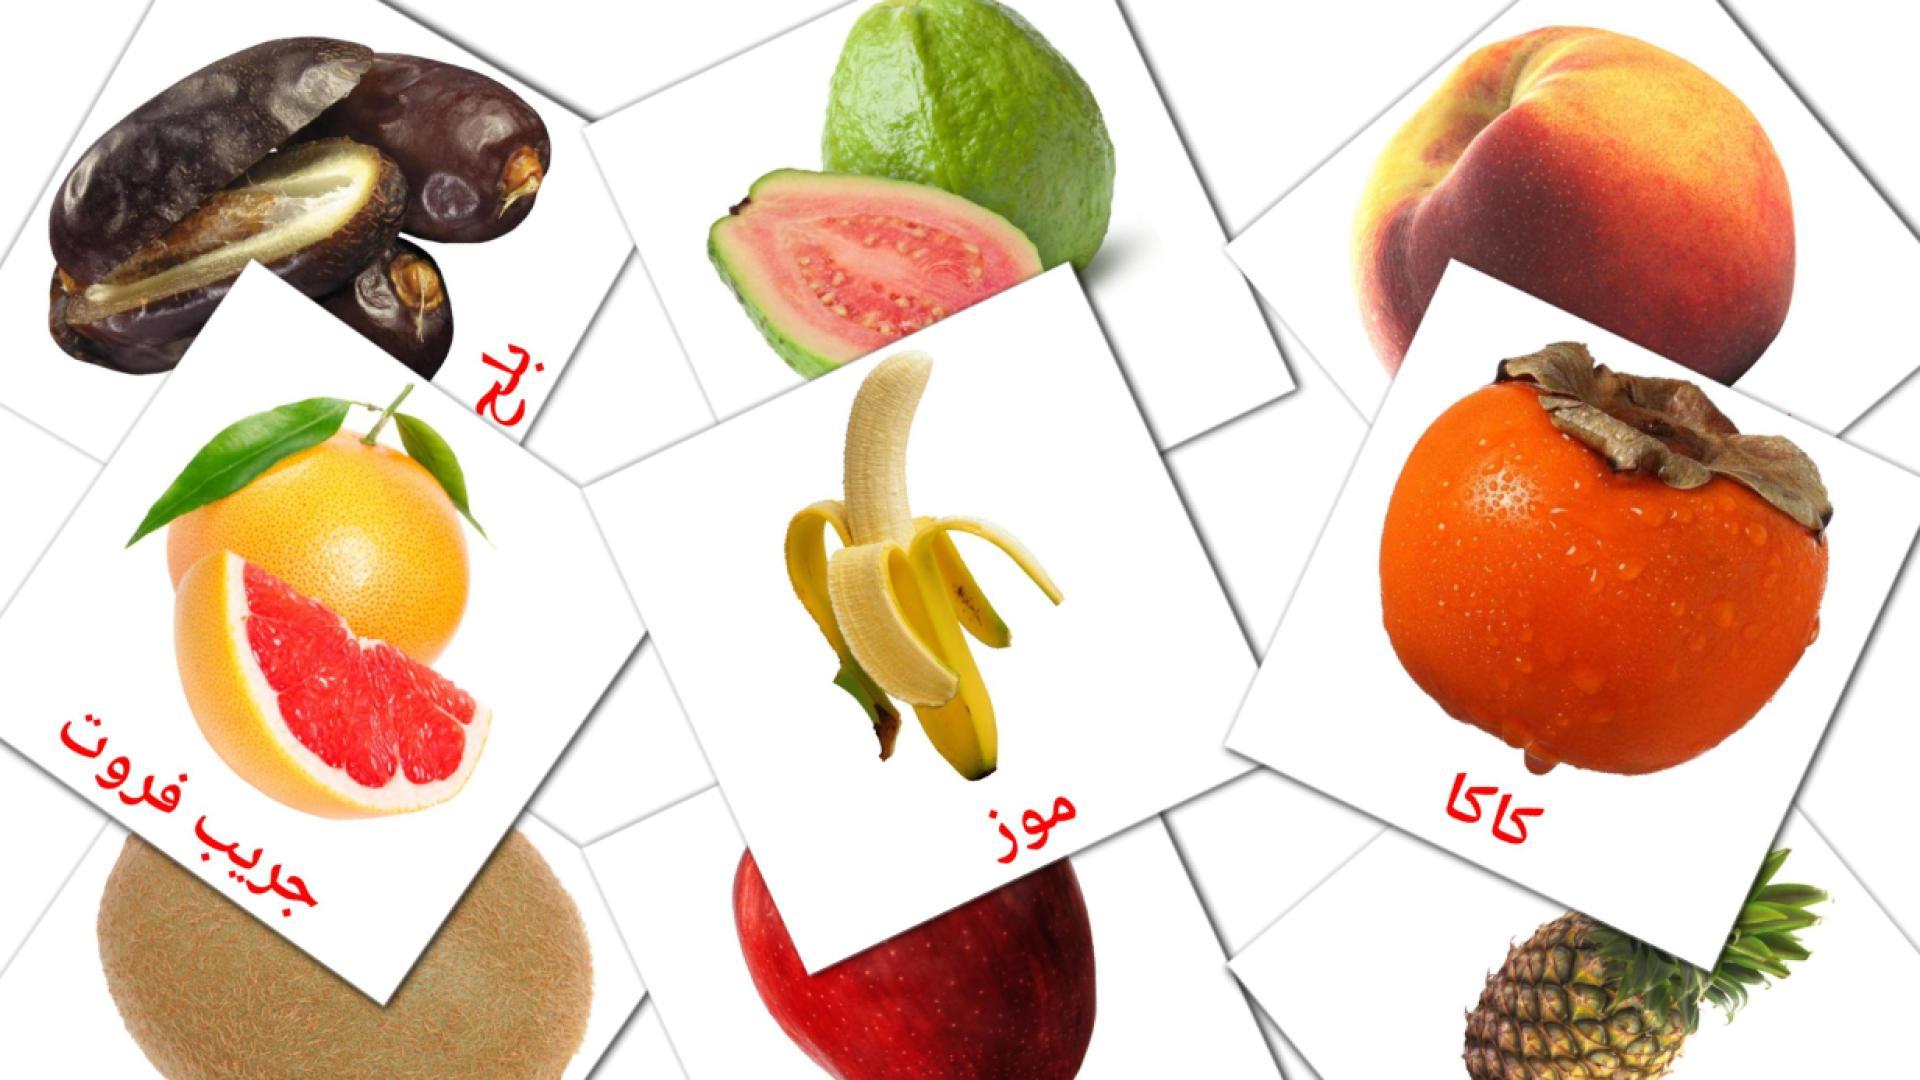 Fruits flashcards